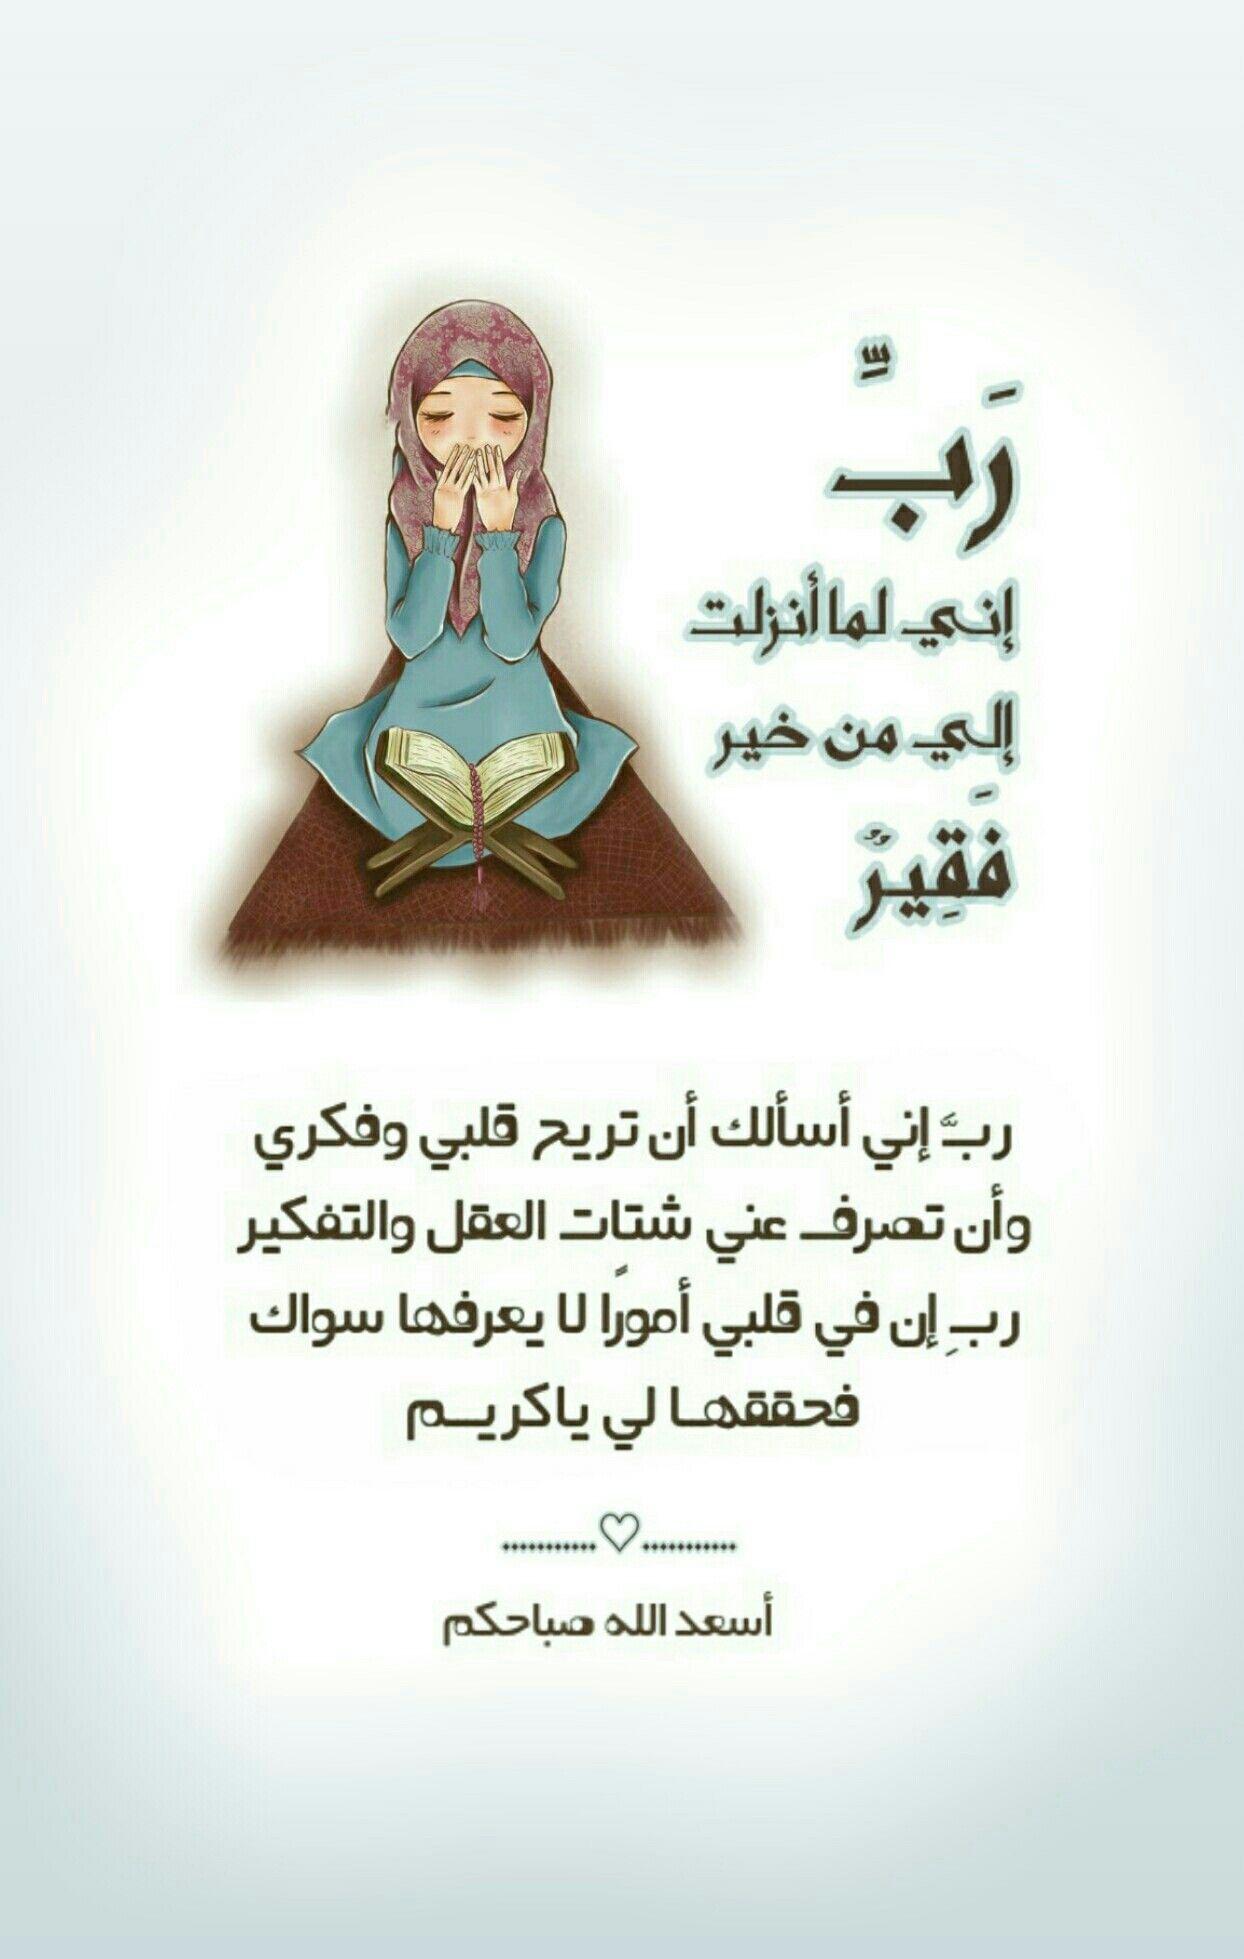 ر ب إ ن ي ل م ا أ ن ز ل ت إ ل ي م ن خ ي ر ف ق ير رب إني أسألك أن تريح قلبي وفكري وأن تصرف عن Islamic Phrases Good Morning Greetings Quran Verses